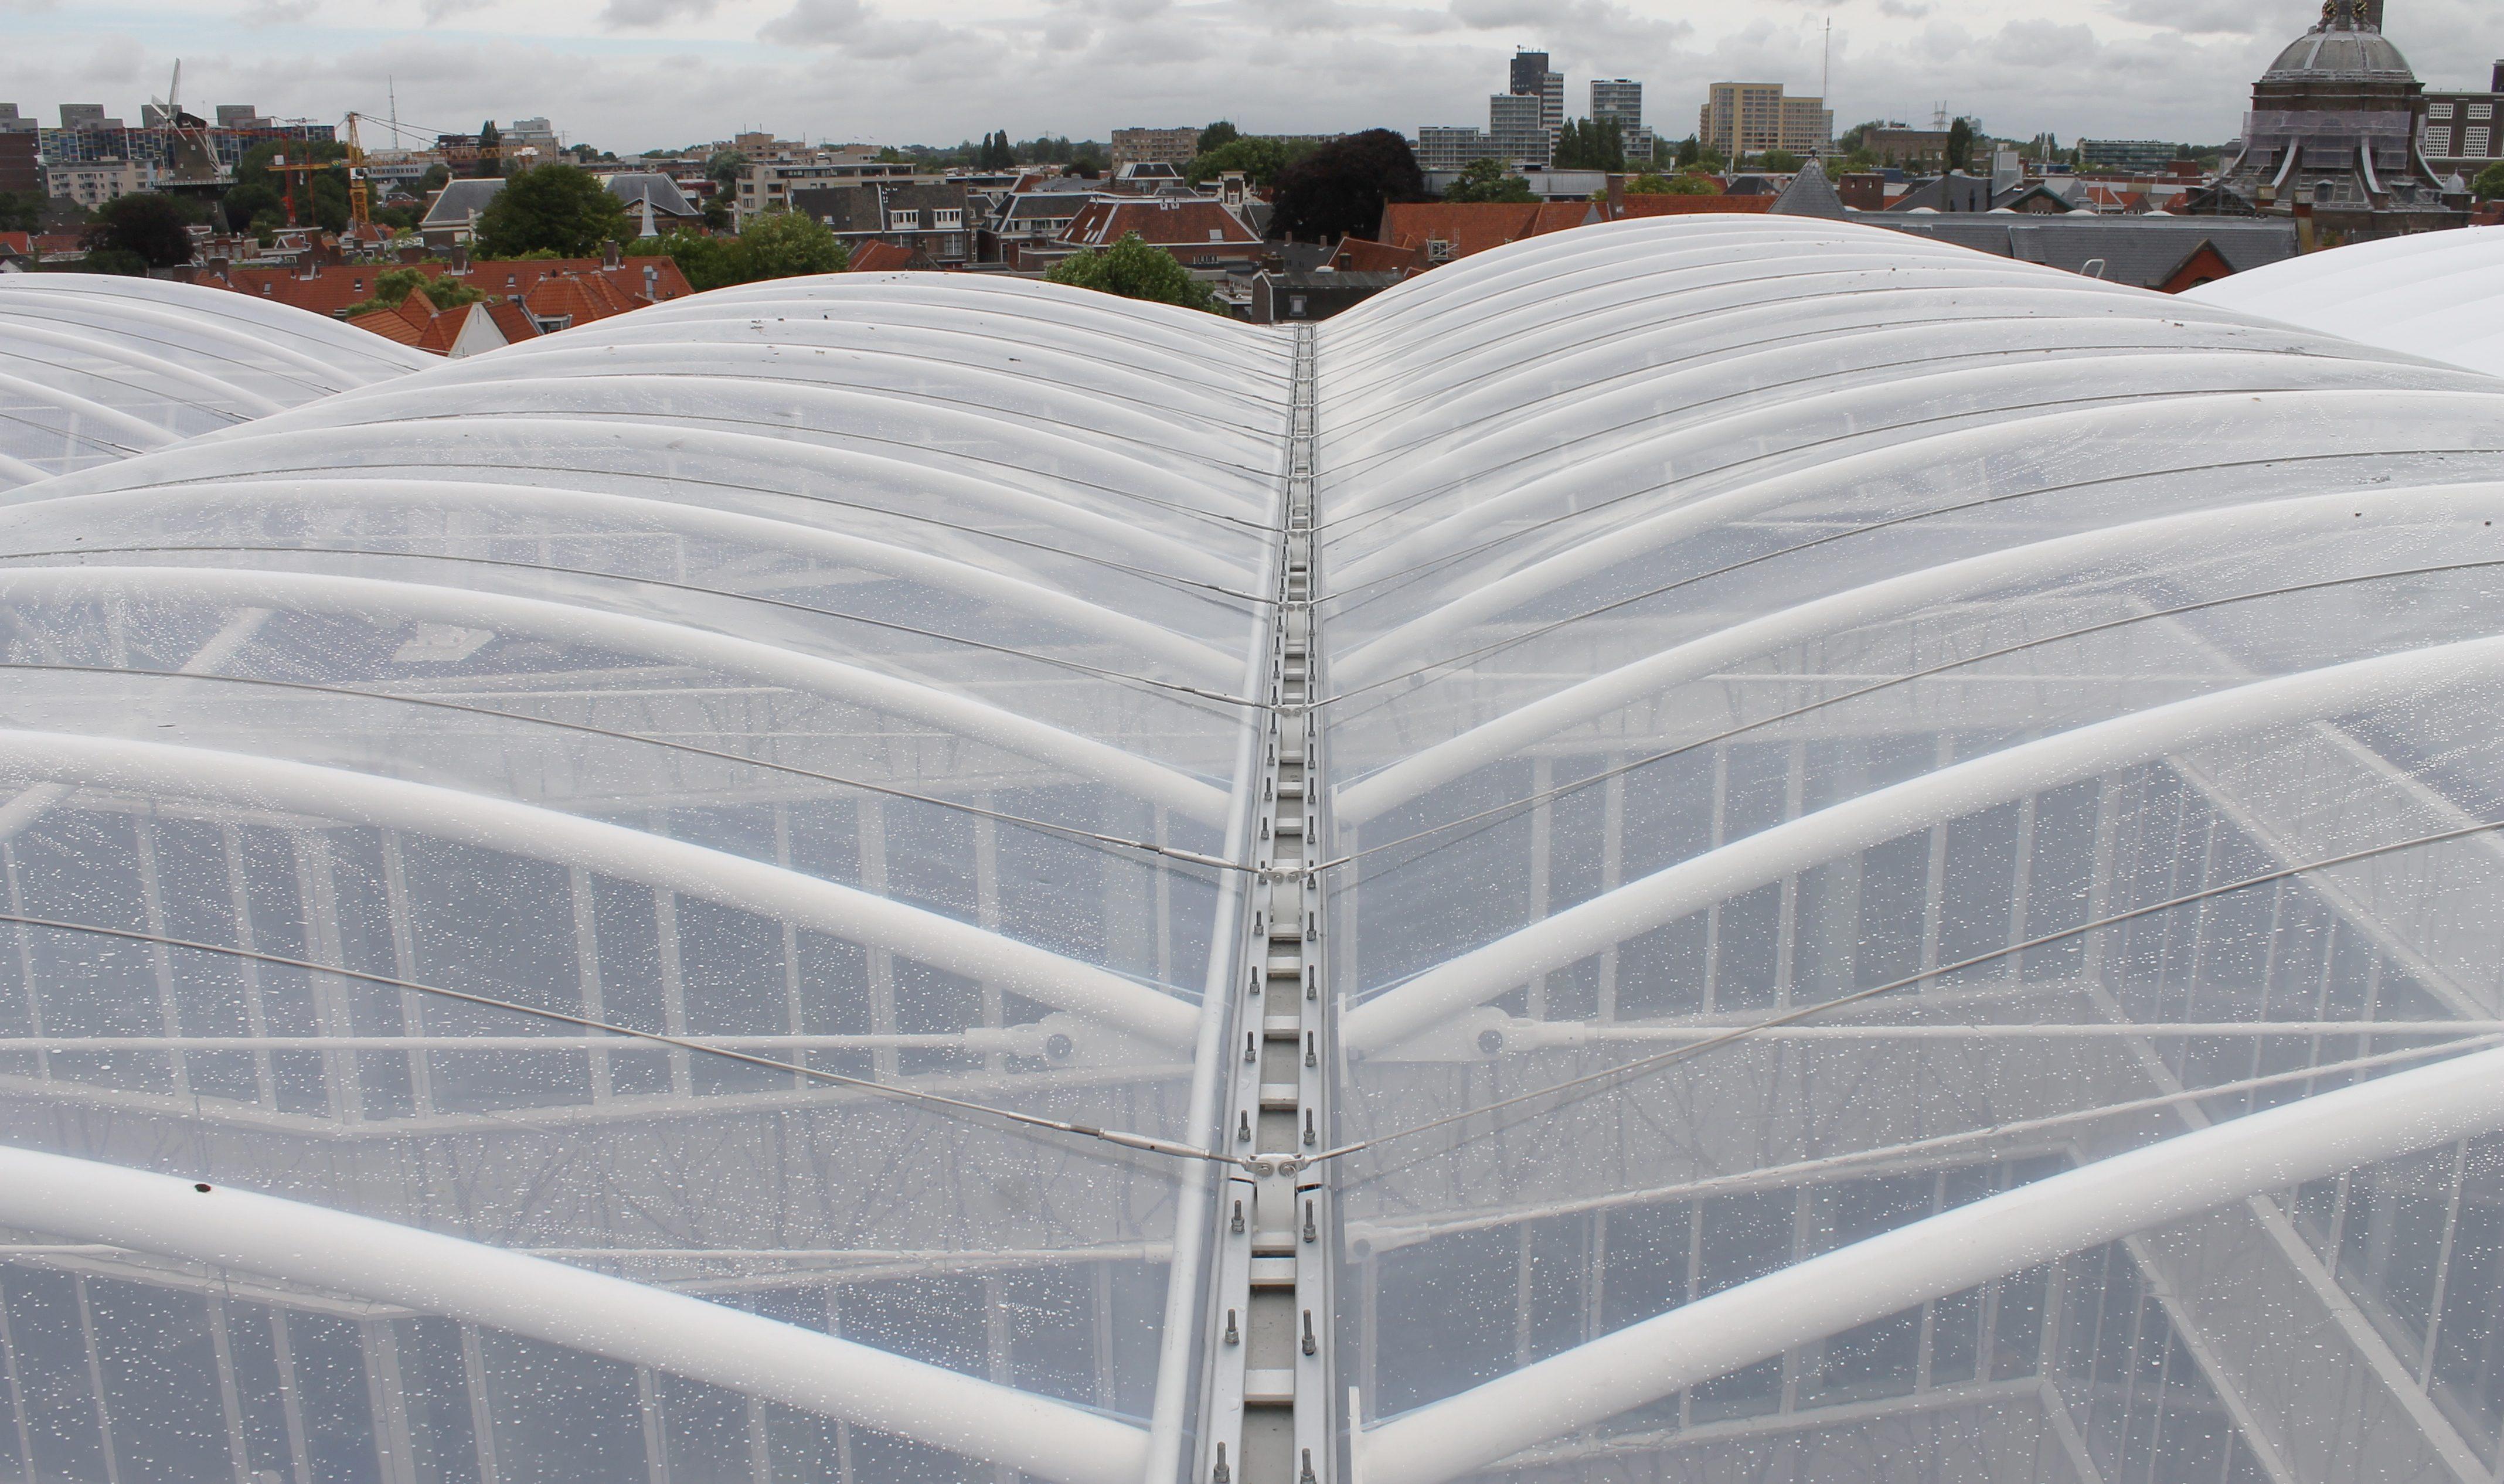 Enkellaags ETFE-dak over hart van ID College